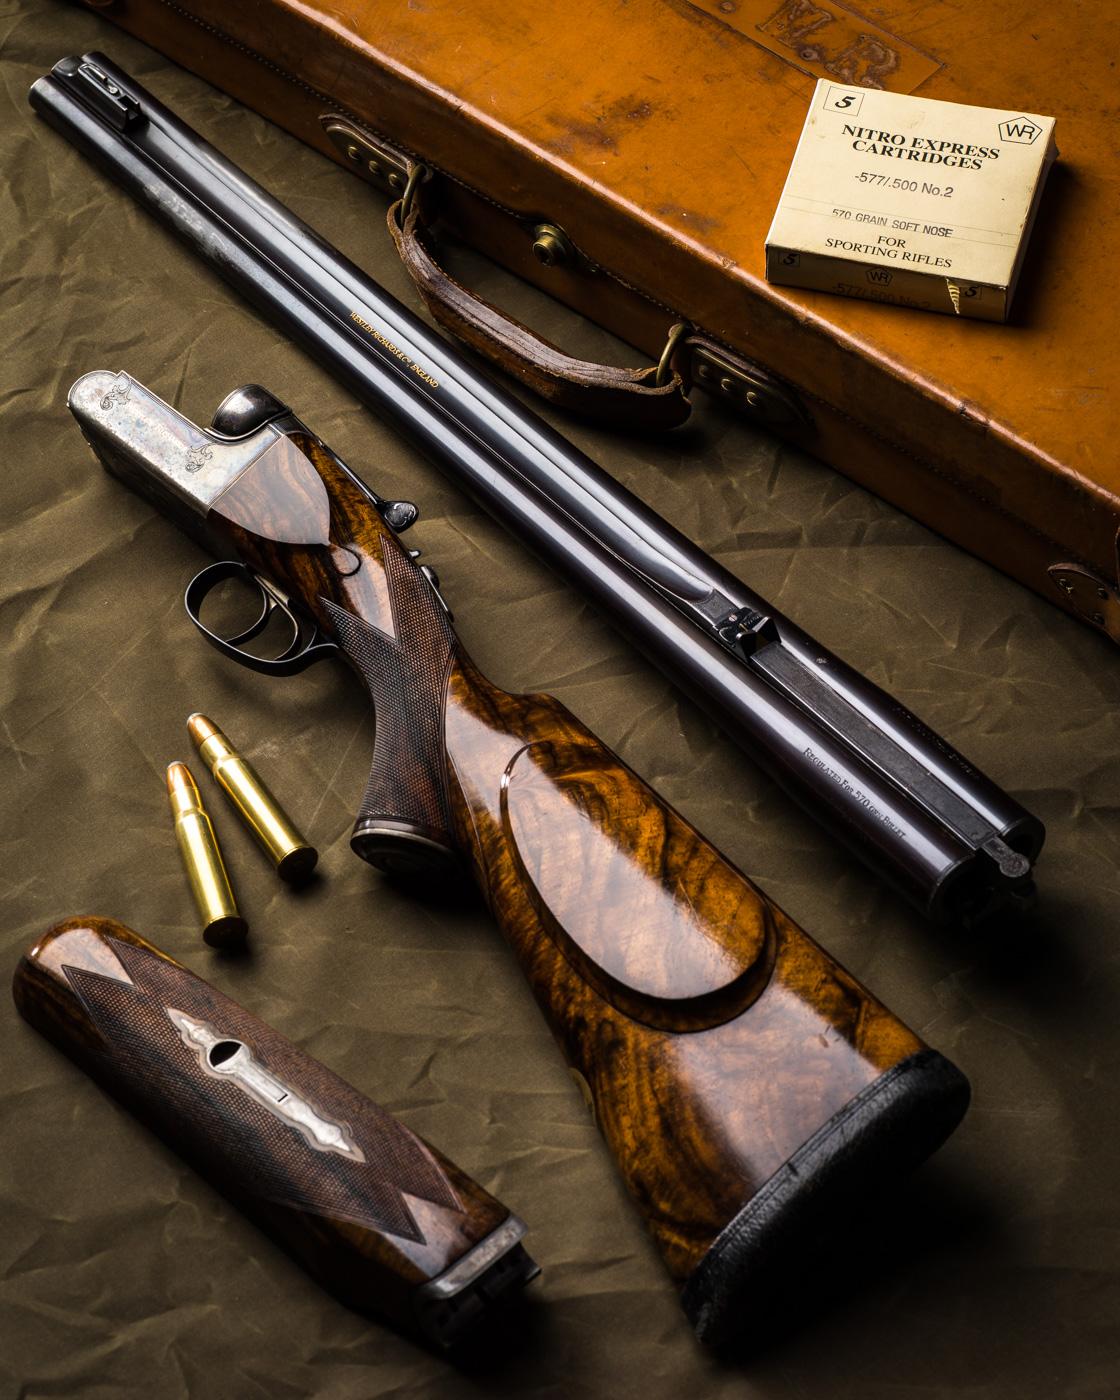 Westley Richards, Droplock, 577-500